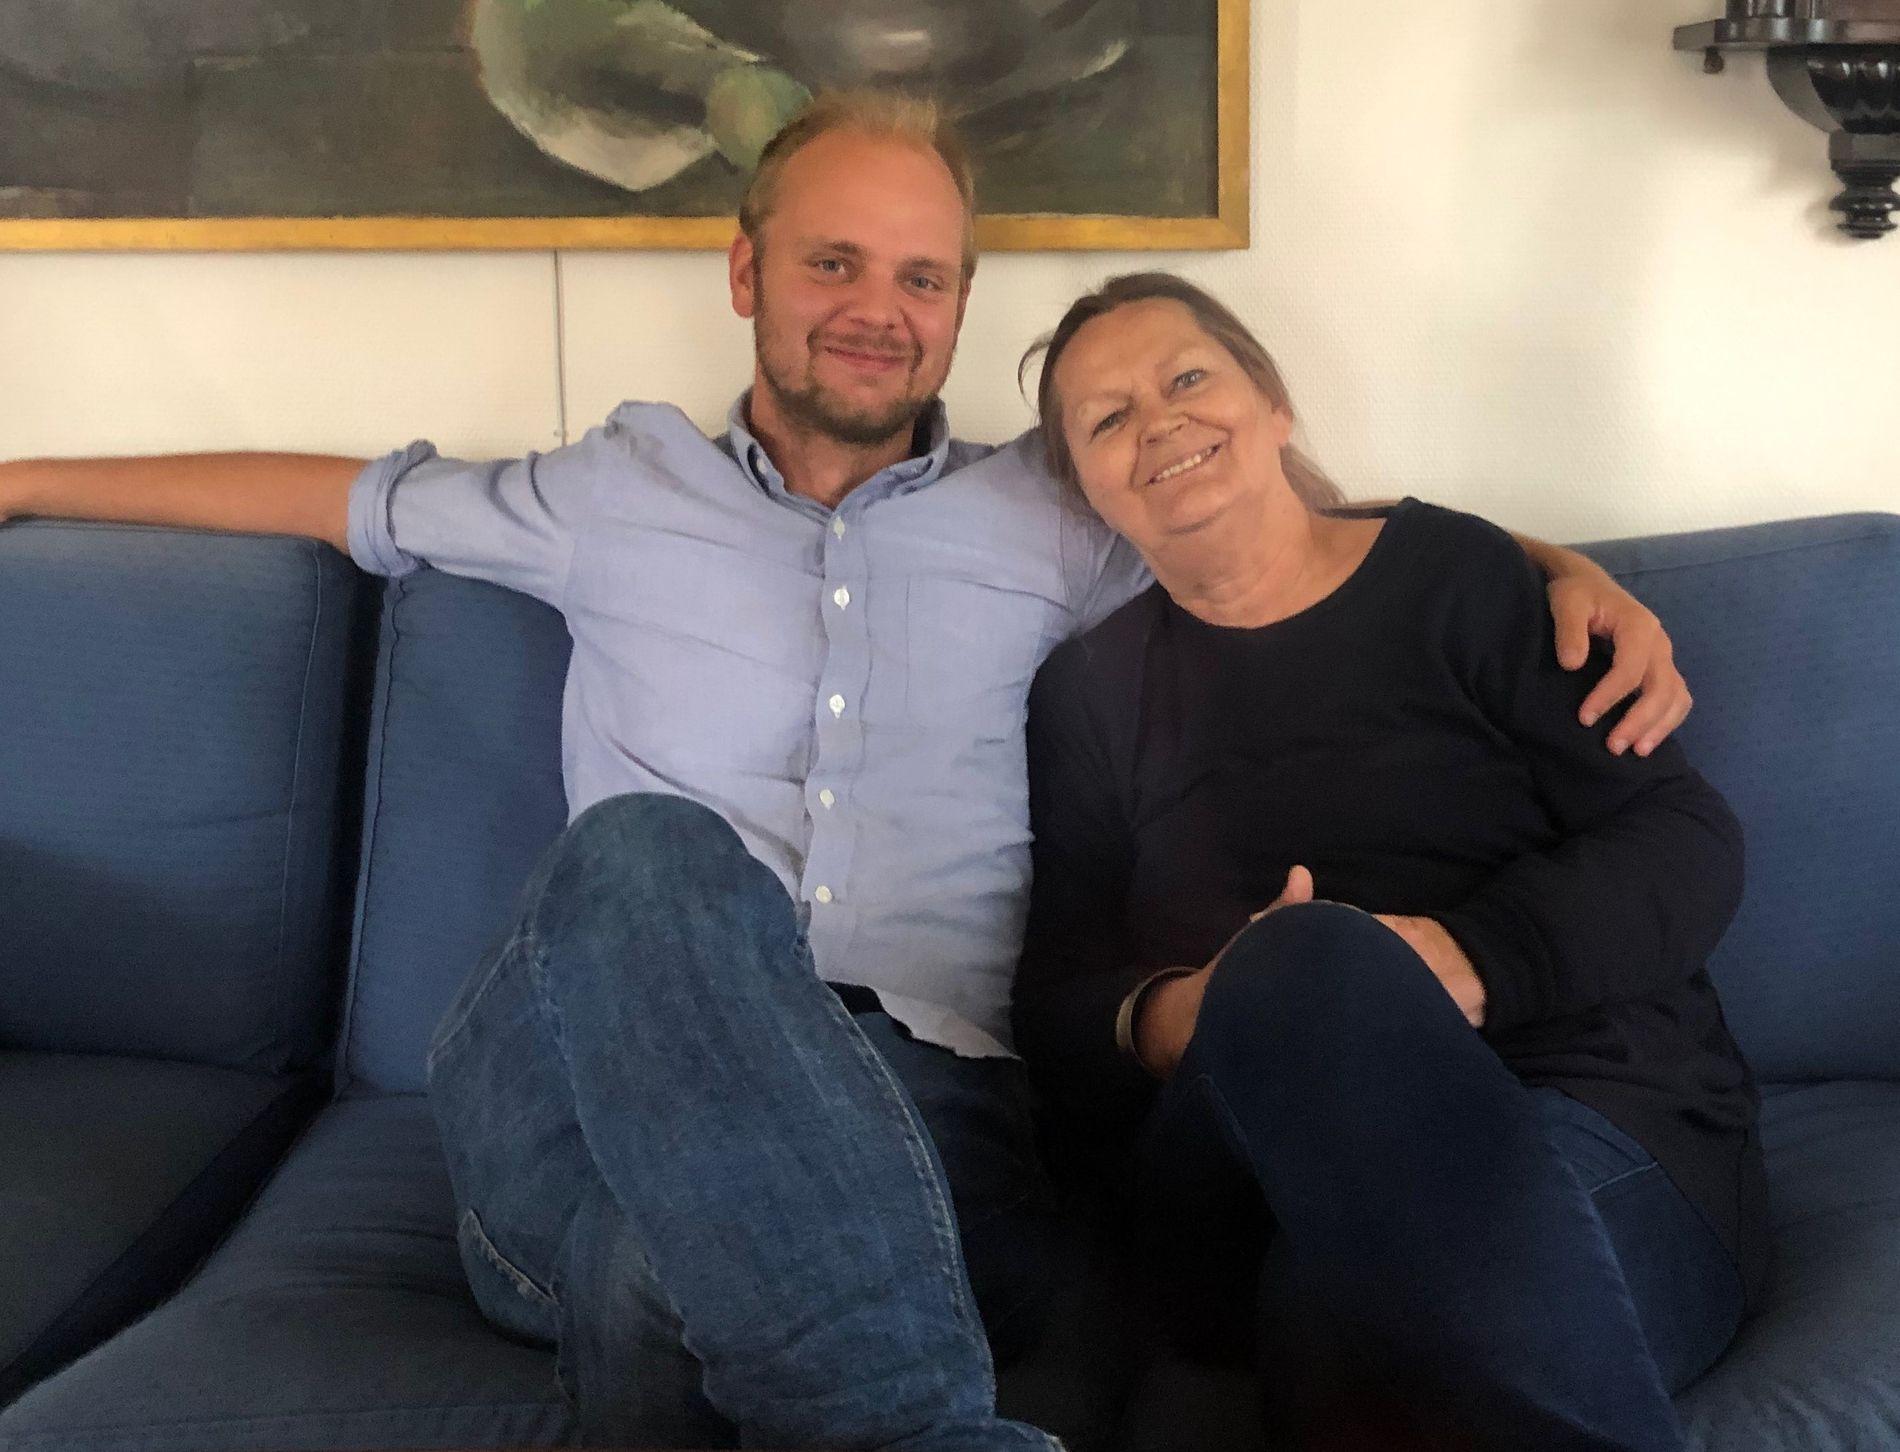 MIMIR OG MAMMA: Kjærligheten er vanskelig når kreften trenger seg imellom. Mimir Kristjansson har skrevet bok om mamma Marit Wilhelmsen, kampen hennes mot kreften og livet på trygd.